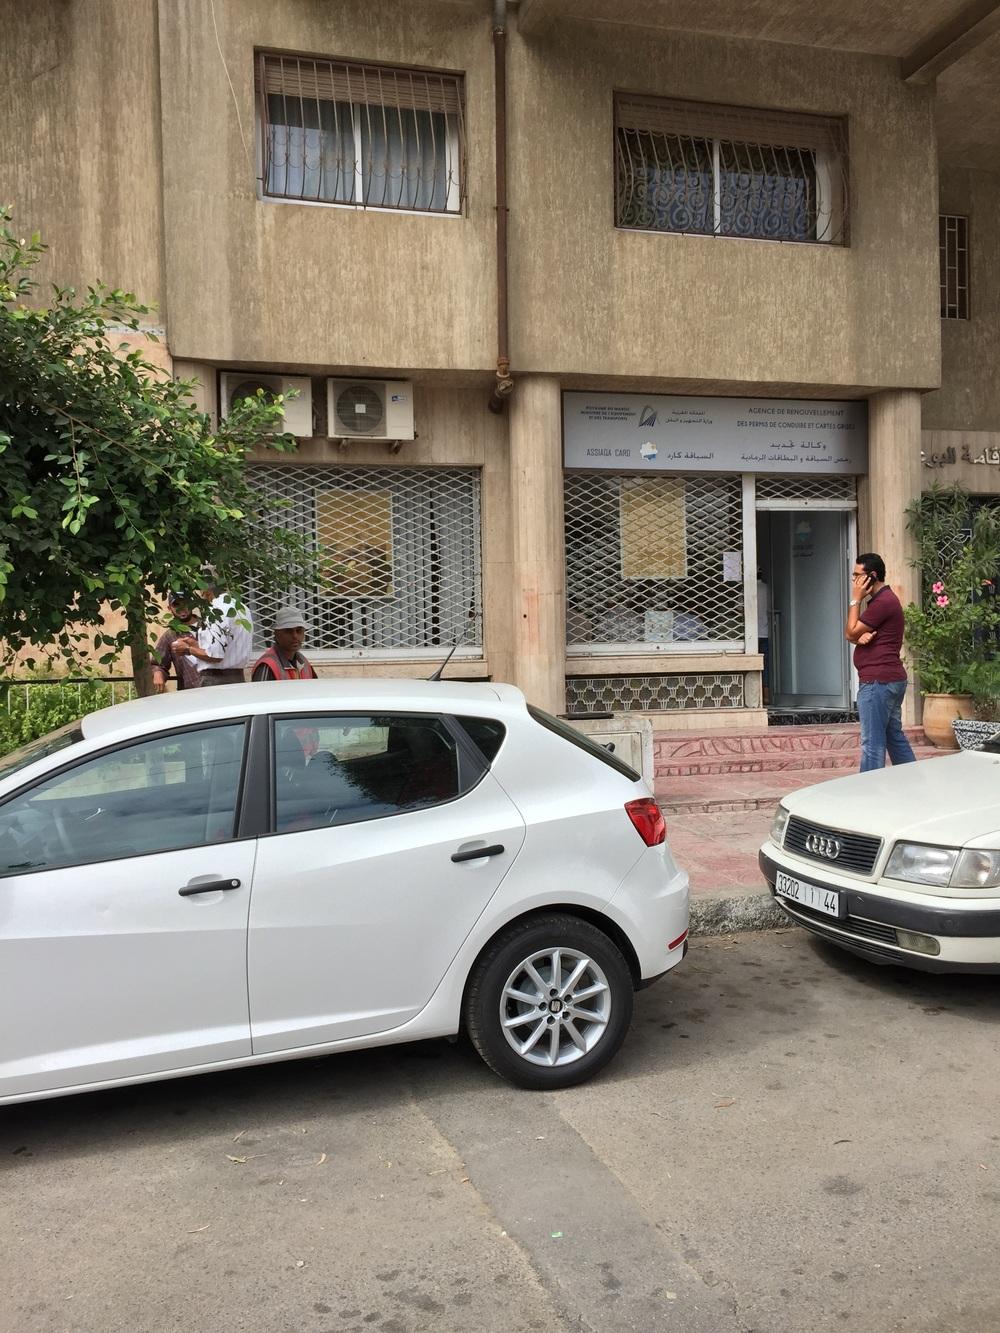 صورة للوكالة الرسمية التابعة لوزارة النقل بطنجة